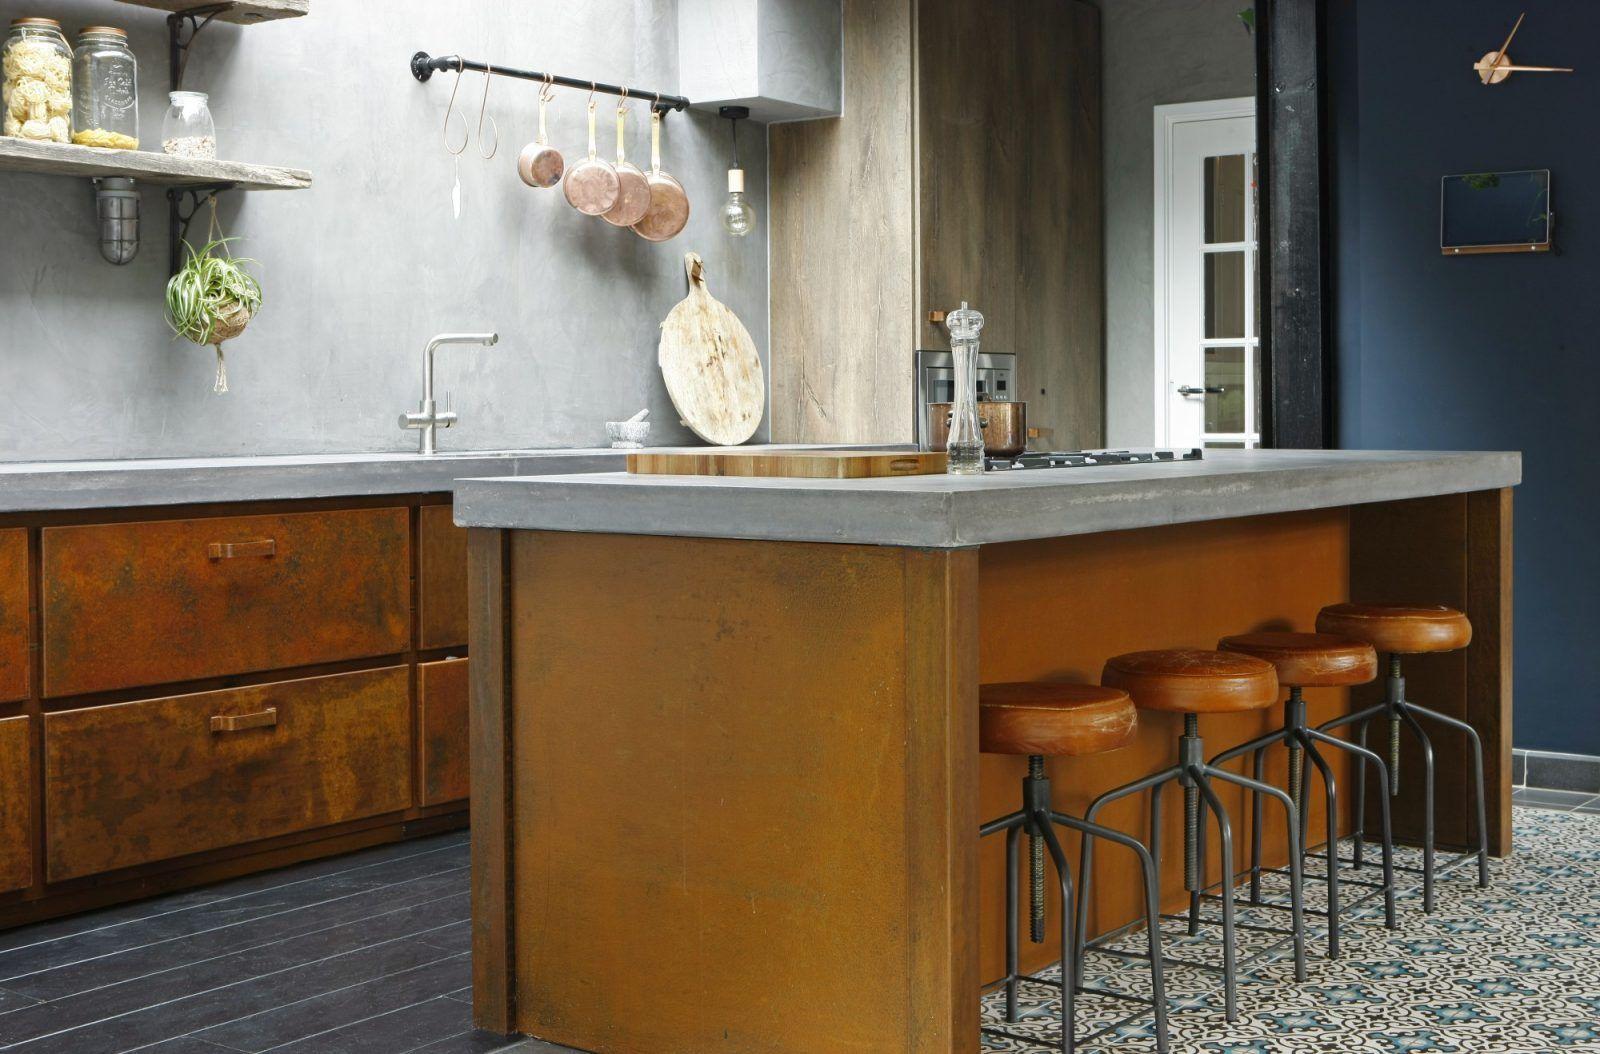 Keuken van geroest staal beton en gerookt eikenhout stoere